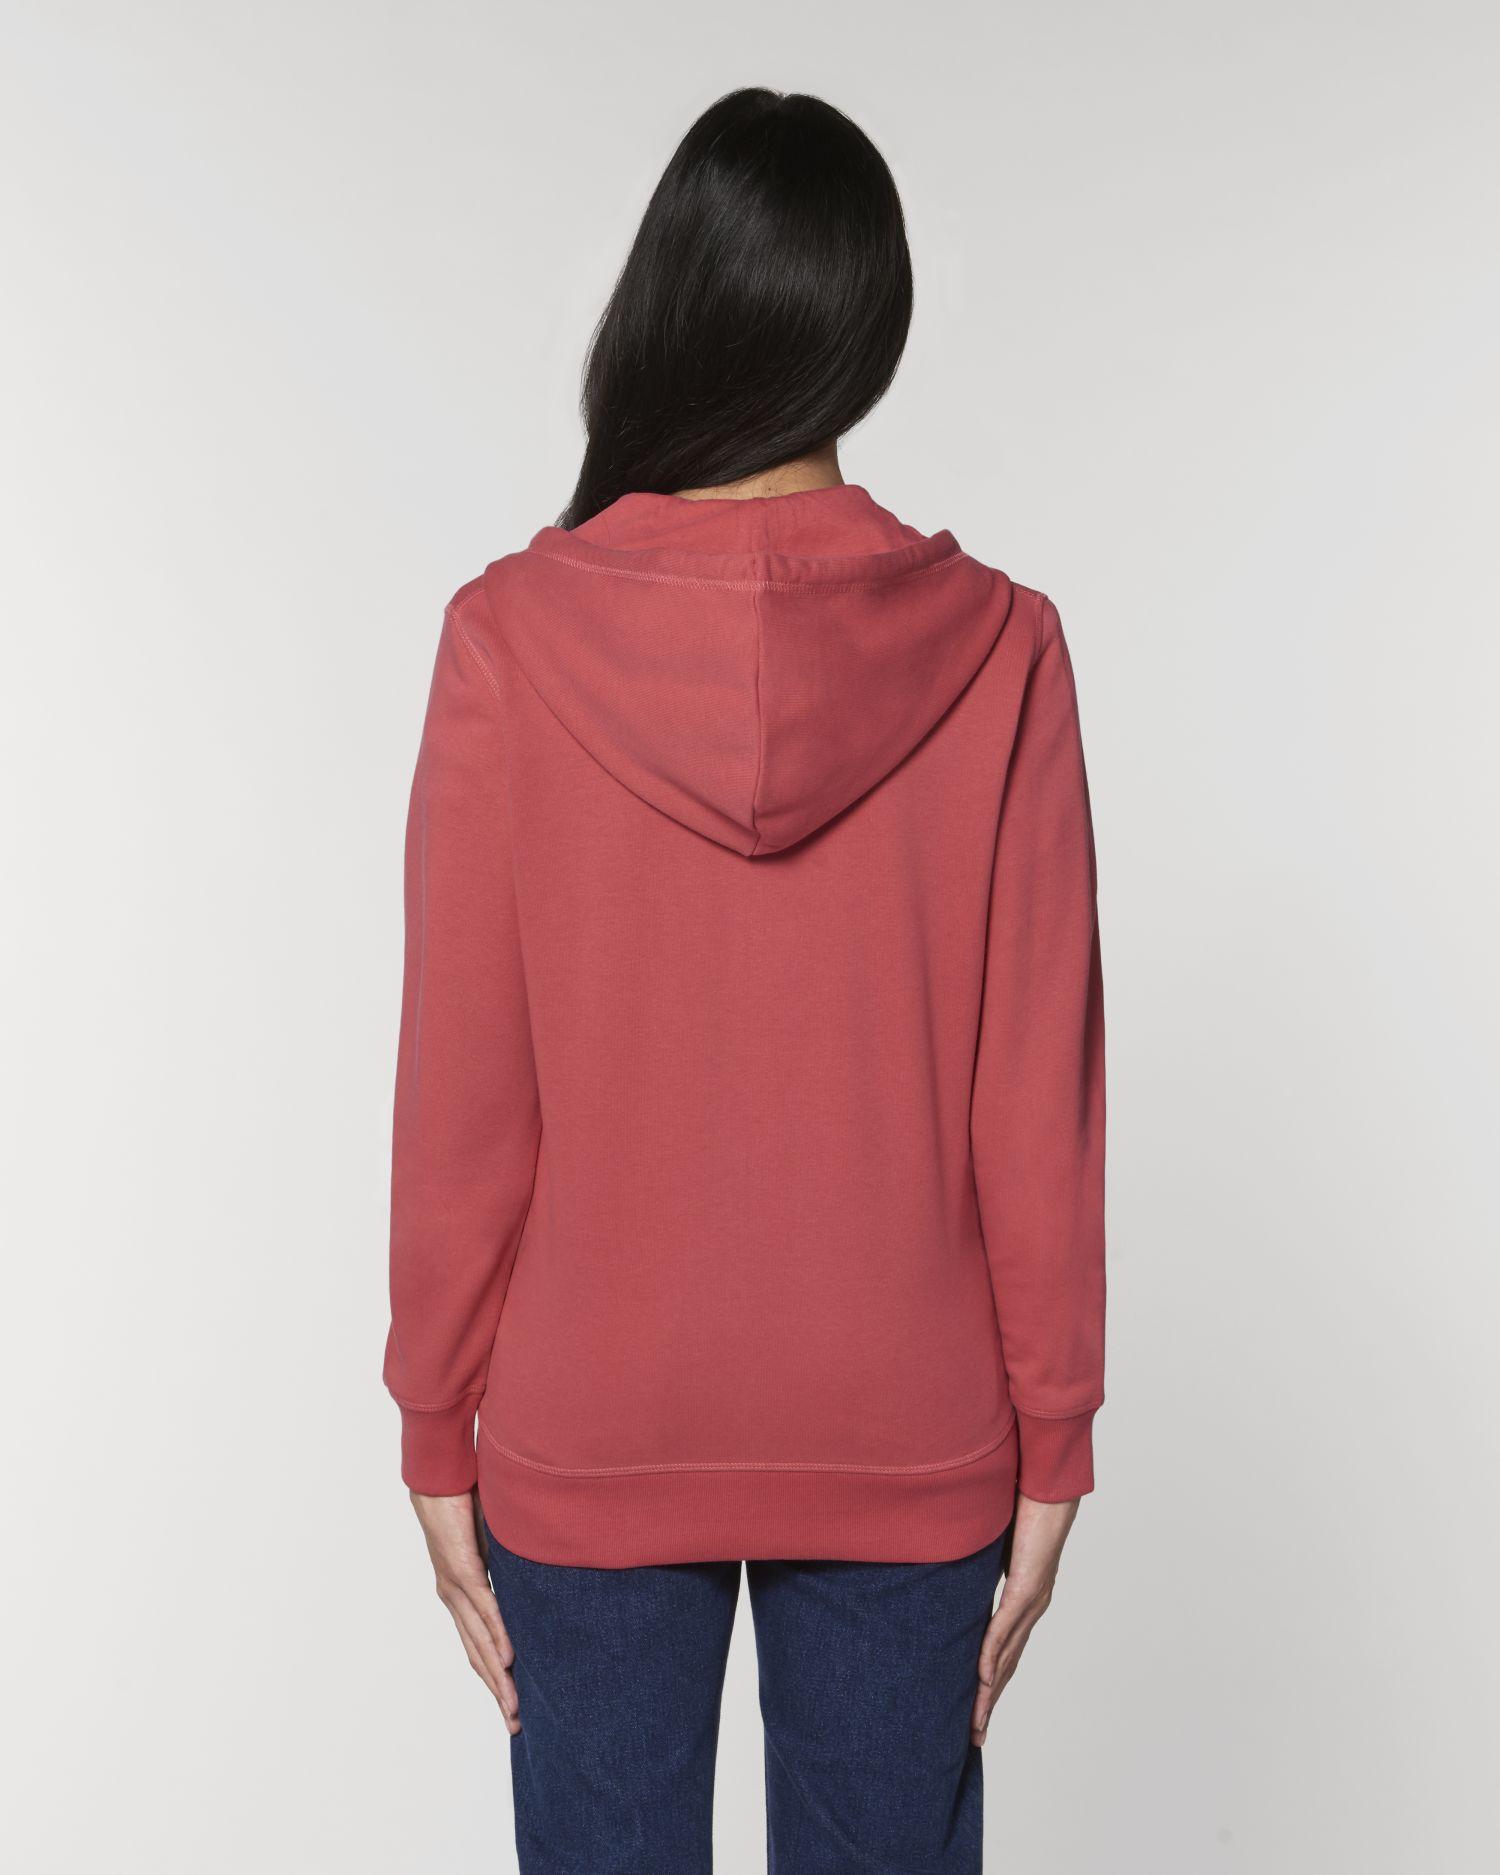 Connector - Le sweat-shirt zippé capuche essentiel unisexe